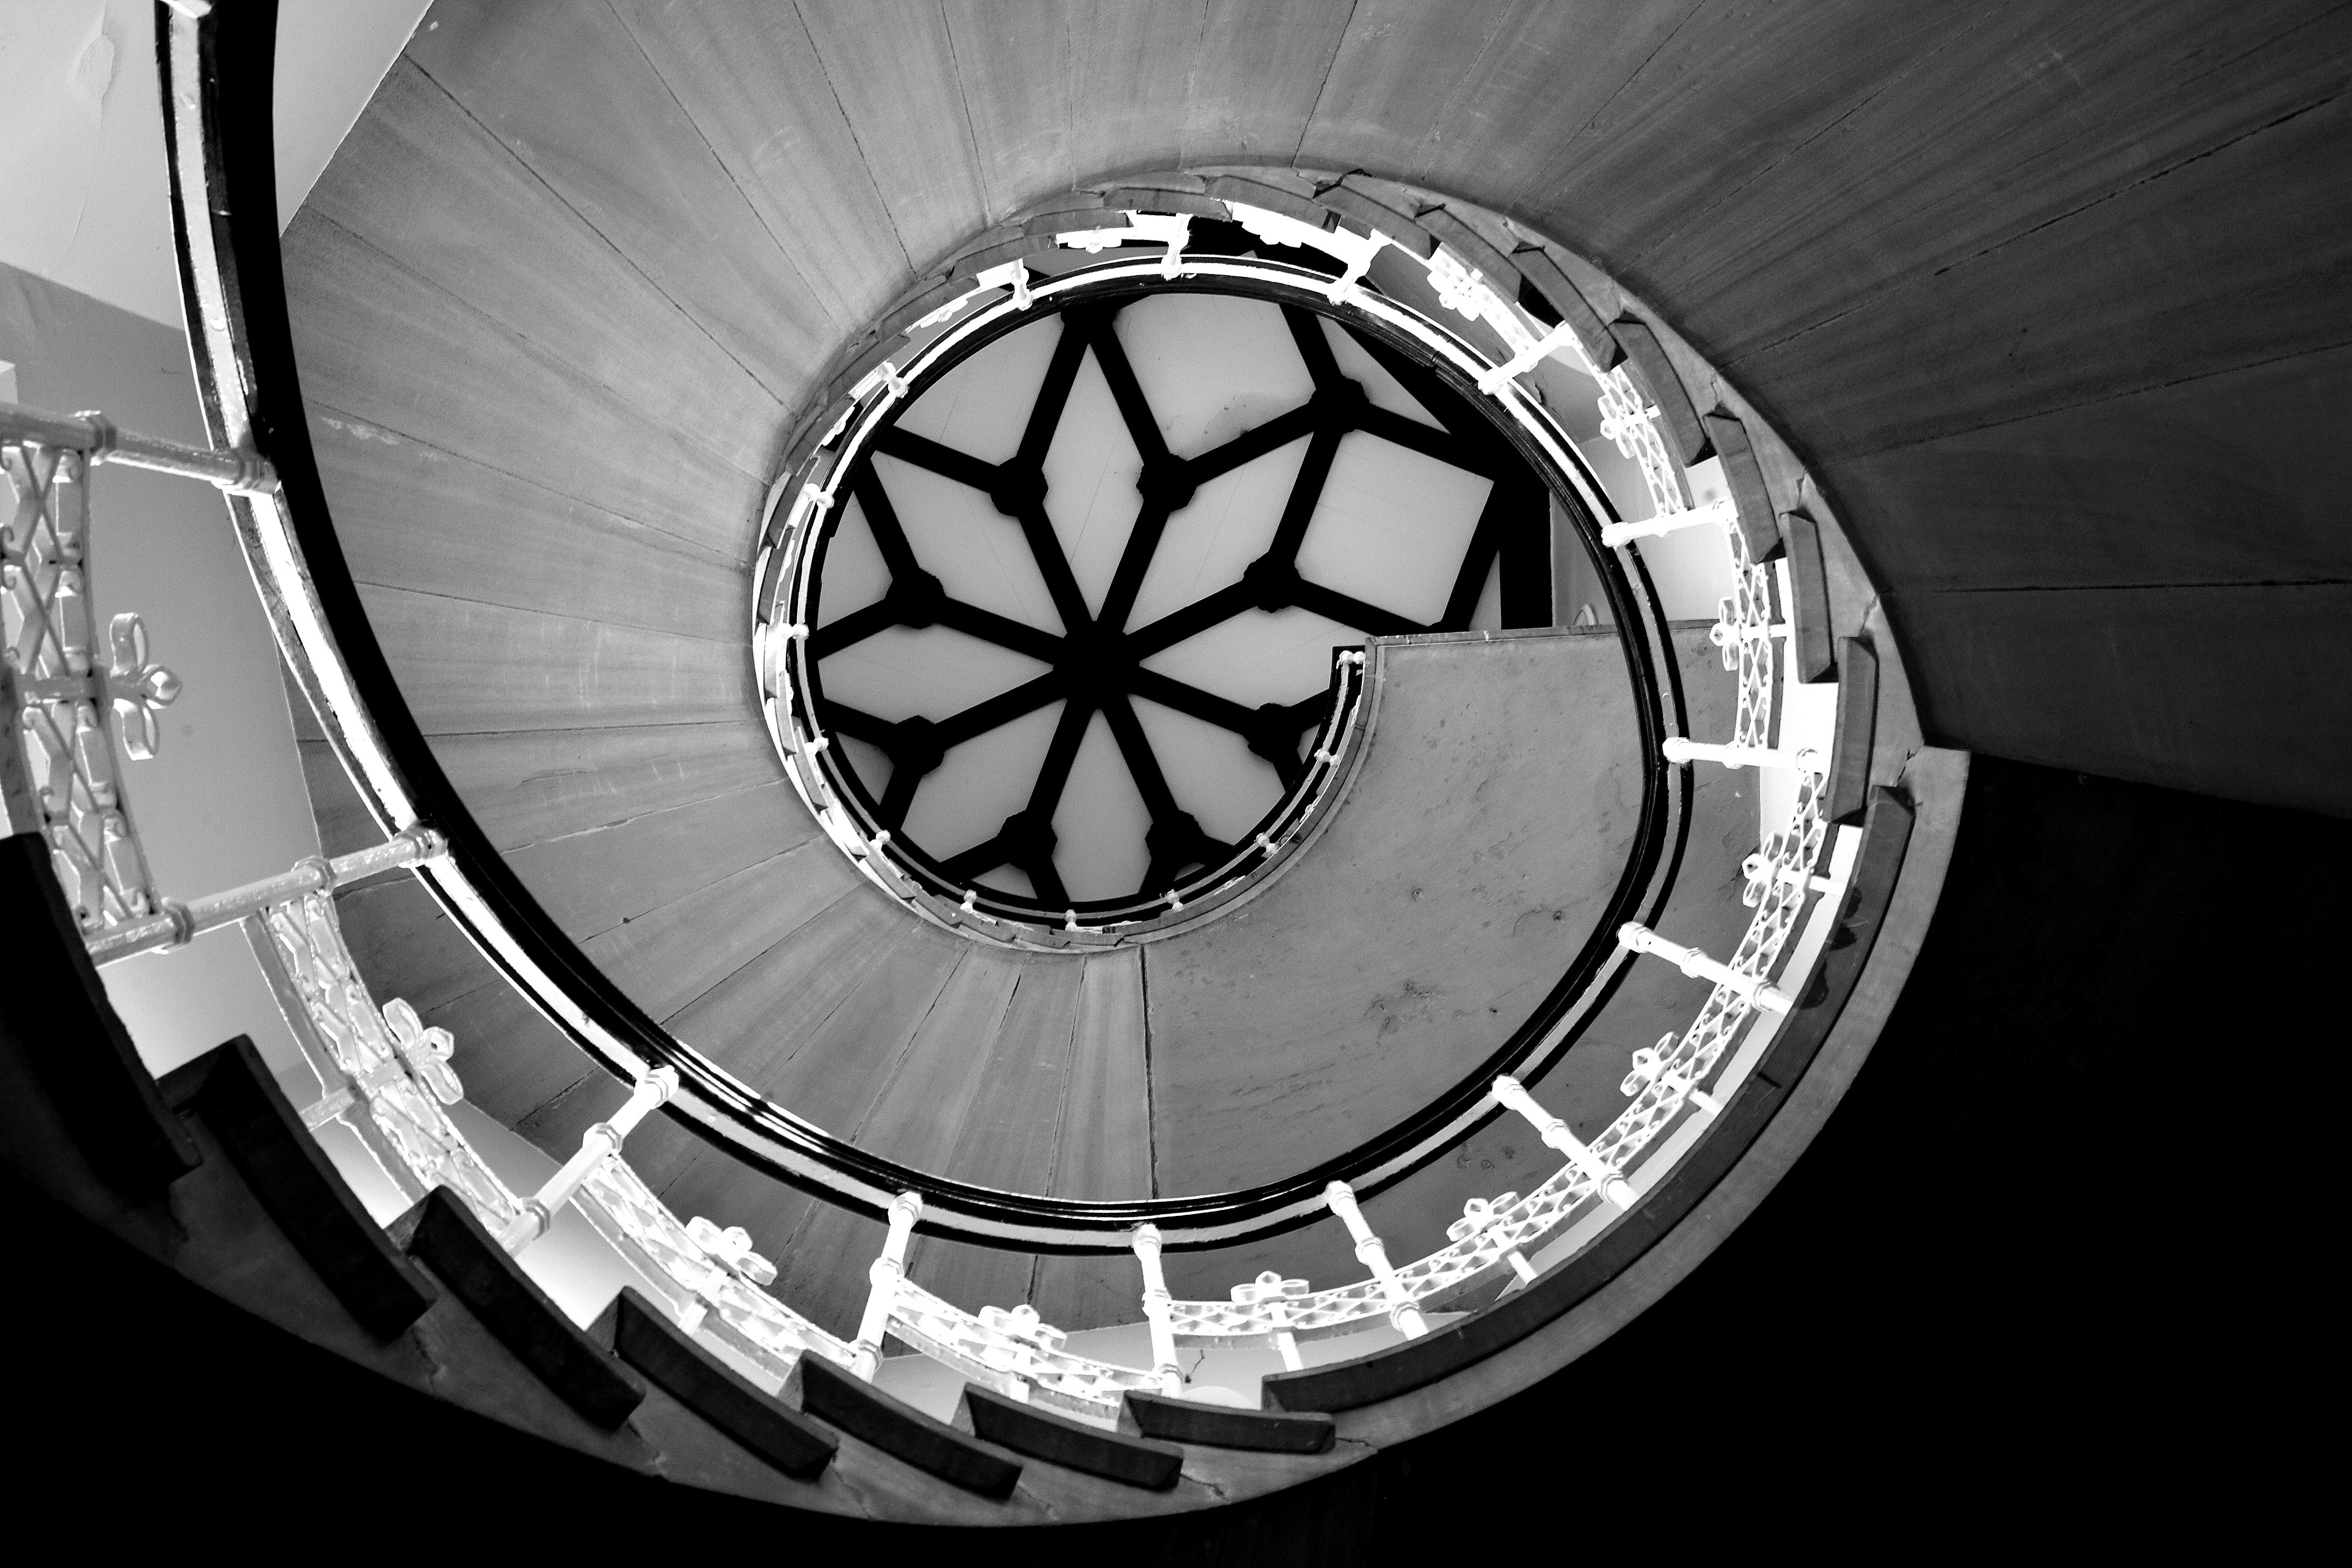 J staircase [photograph taken by Rory O'Bryen]